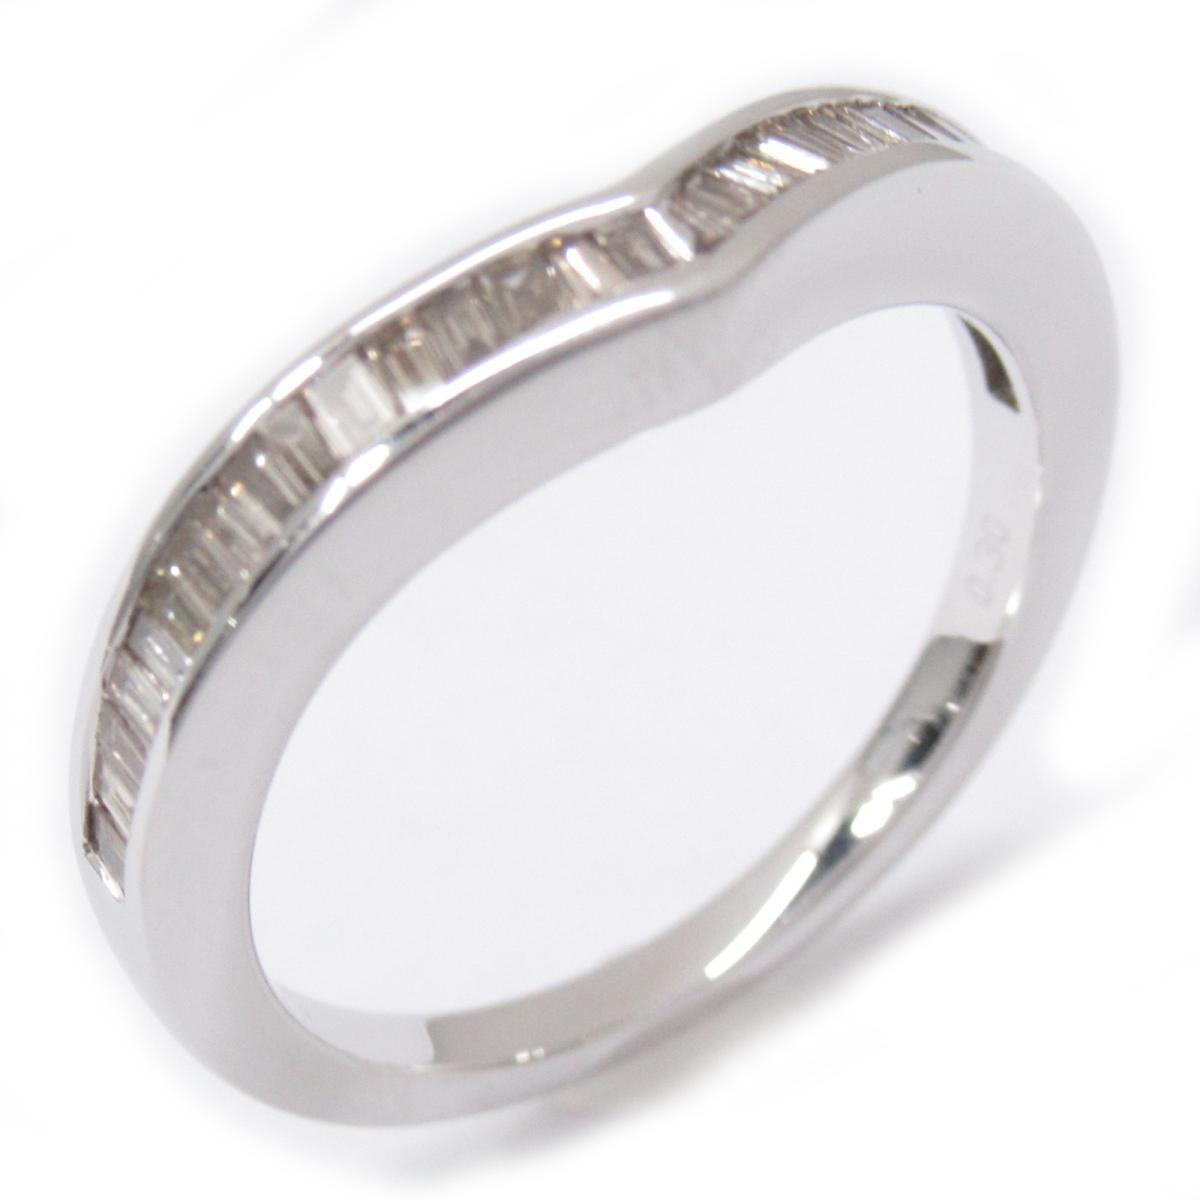 ジュエリー ダイヤモンドリング 指輪 ノーブランドジュエリー レディース K18WG (750) ホワイトゴールドxダイヤモンド0.3ct シルバー 【中古】 | JEWELRY BRANDOFF ブランドオフ アクセサリー リング